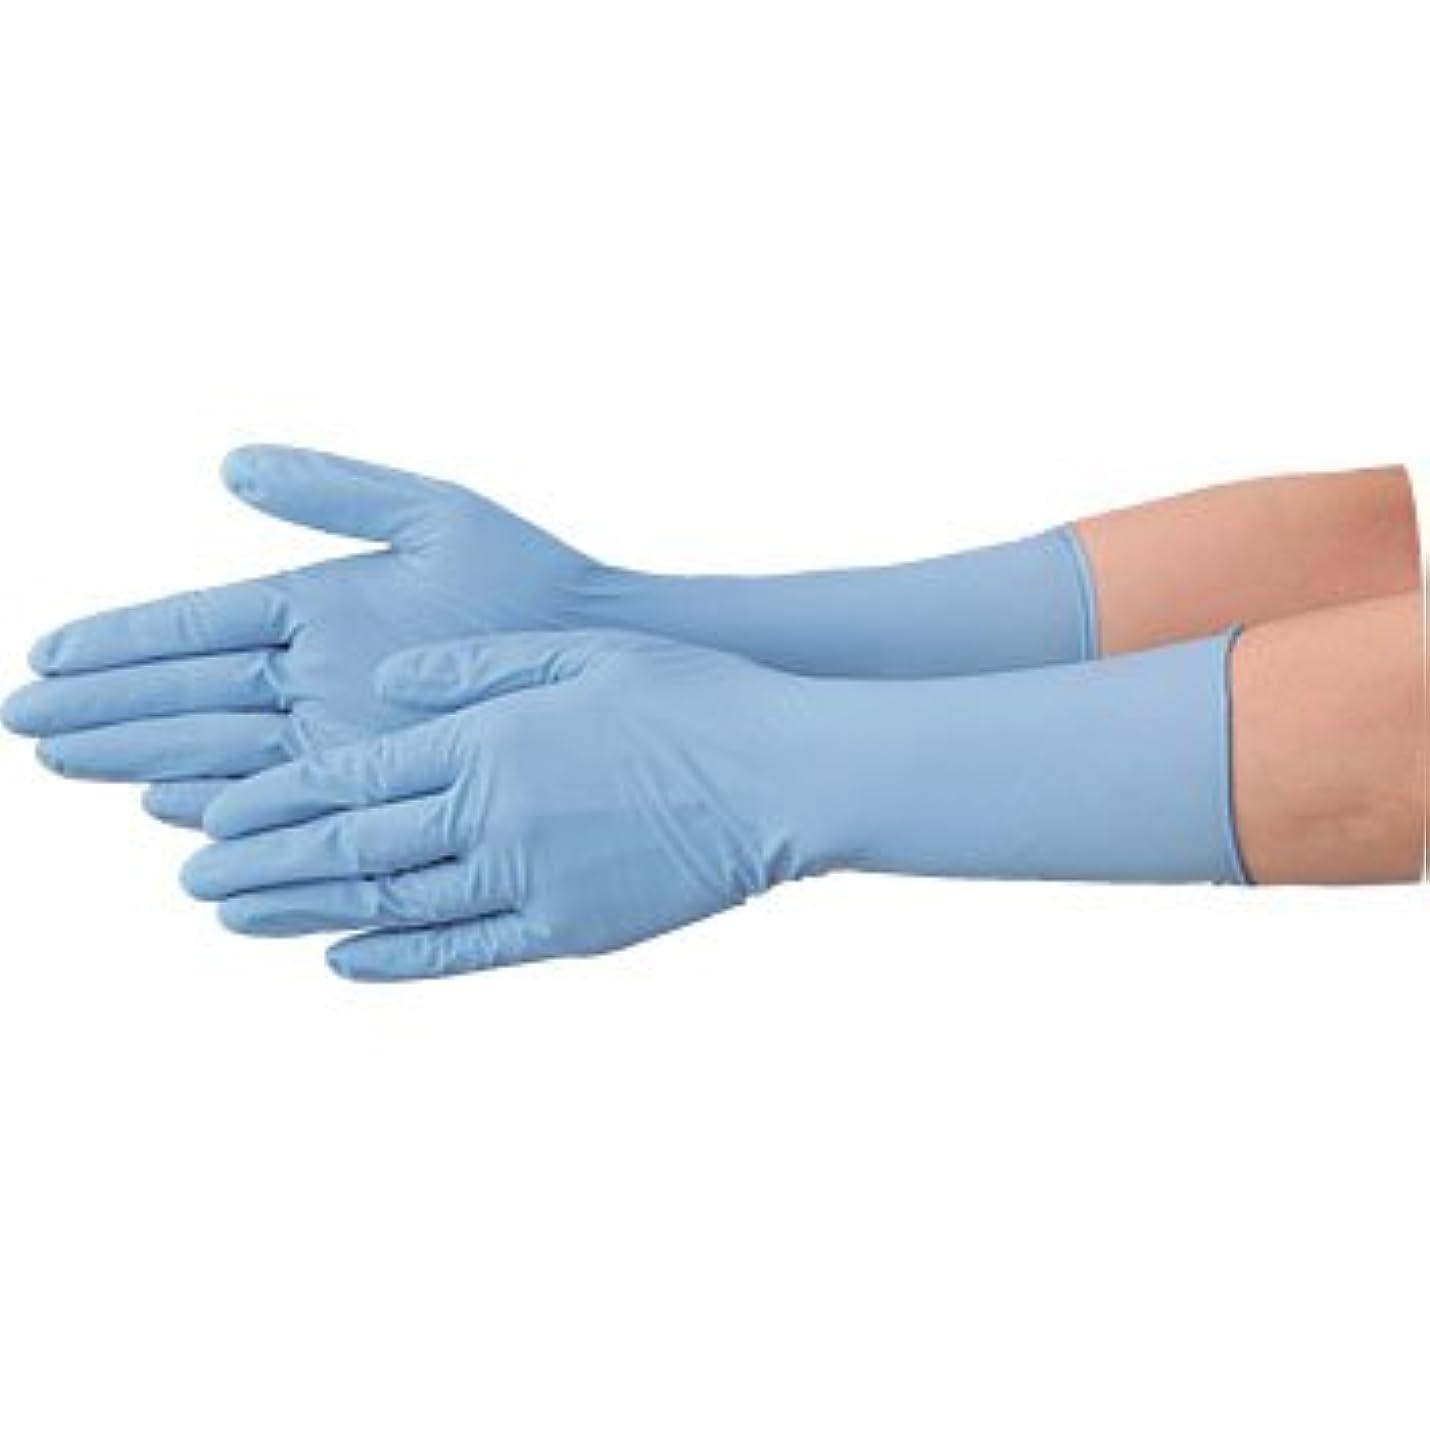 ダウンタウン自明理想的使い捨て 手袋 エブノ 528 ニトリル ロング手袋 パウダーフリー 全長29cm ブルー Sサイズ 2ケース(100枚×40箱)